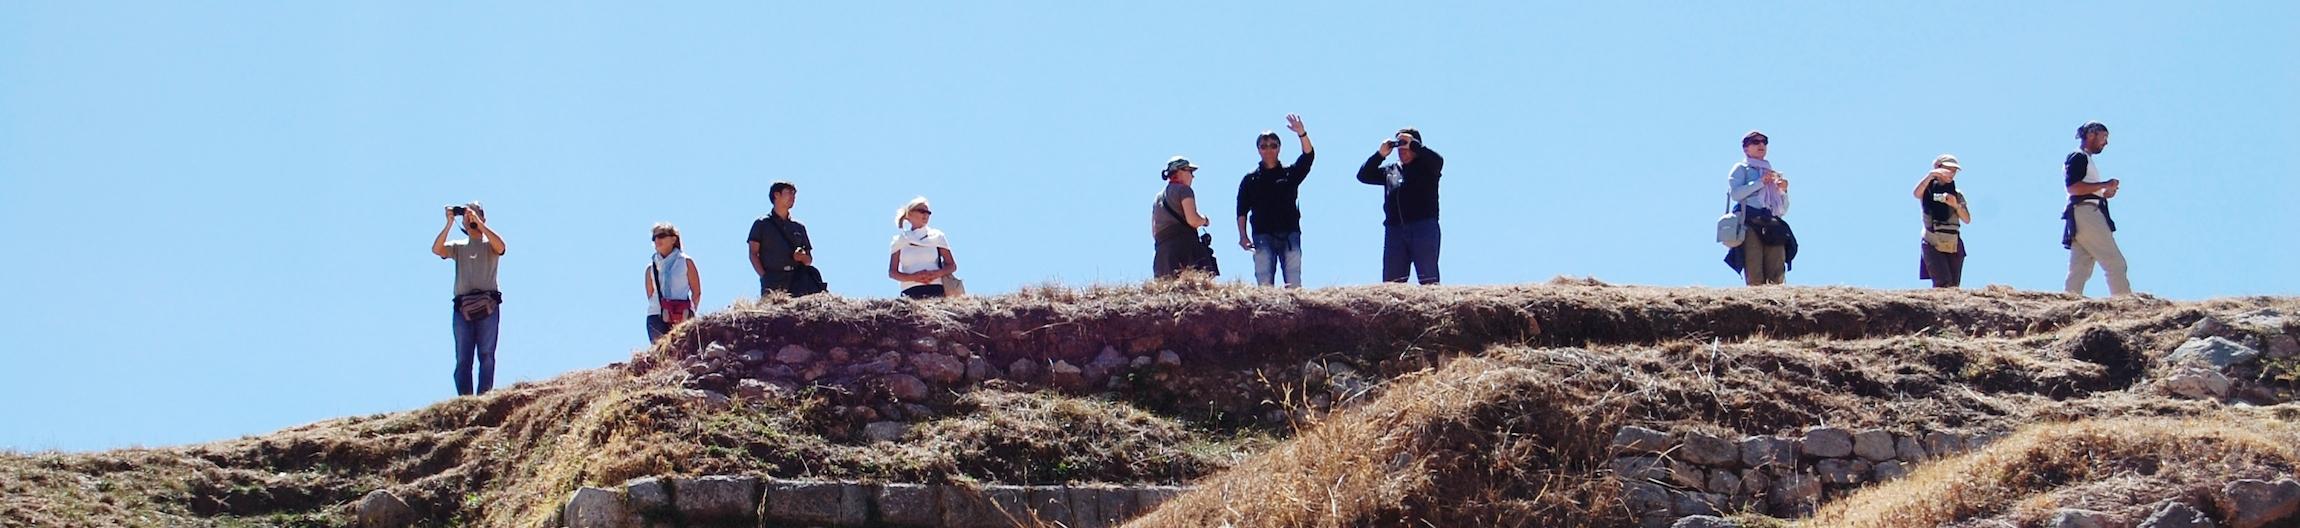 Copia di viaggi 4x4 peru peruresponsabile peru4x4 turismo sostenibile-19.jpg